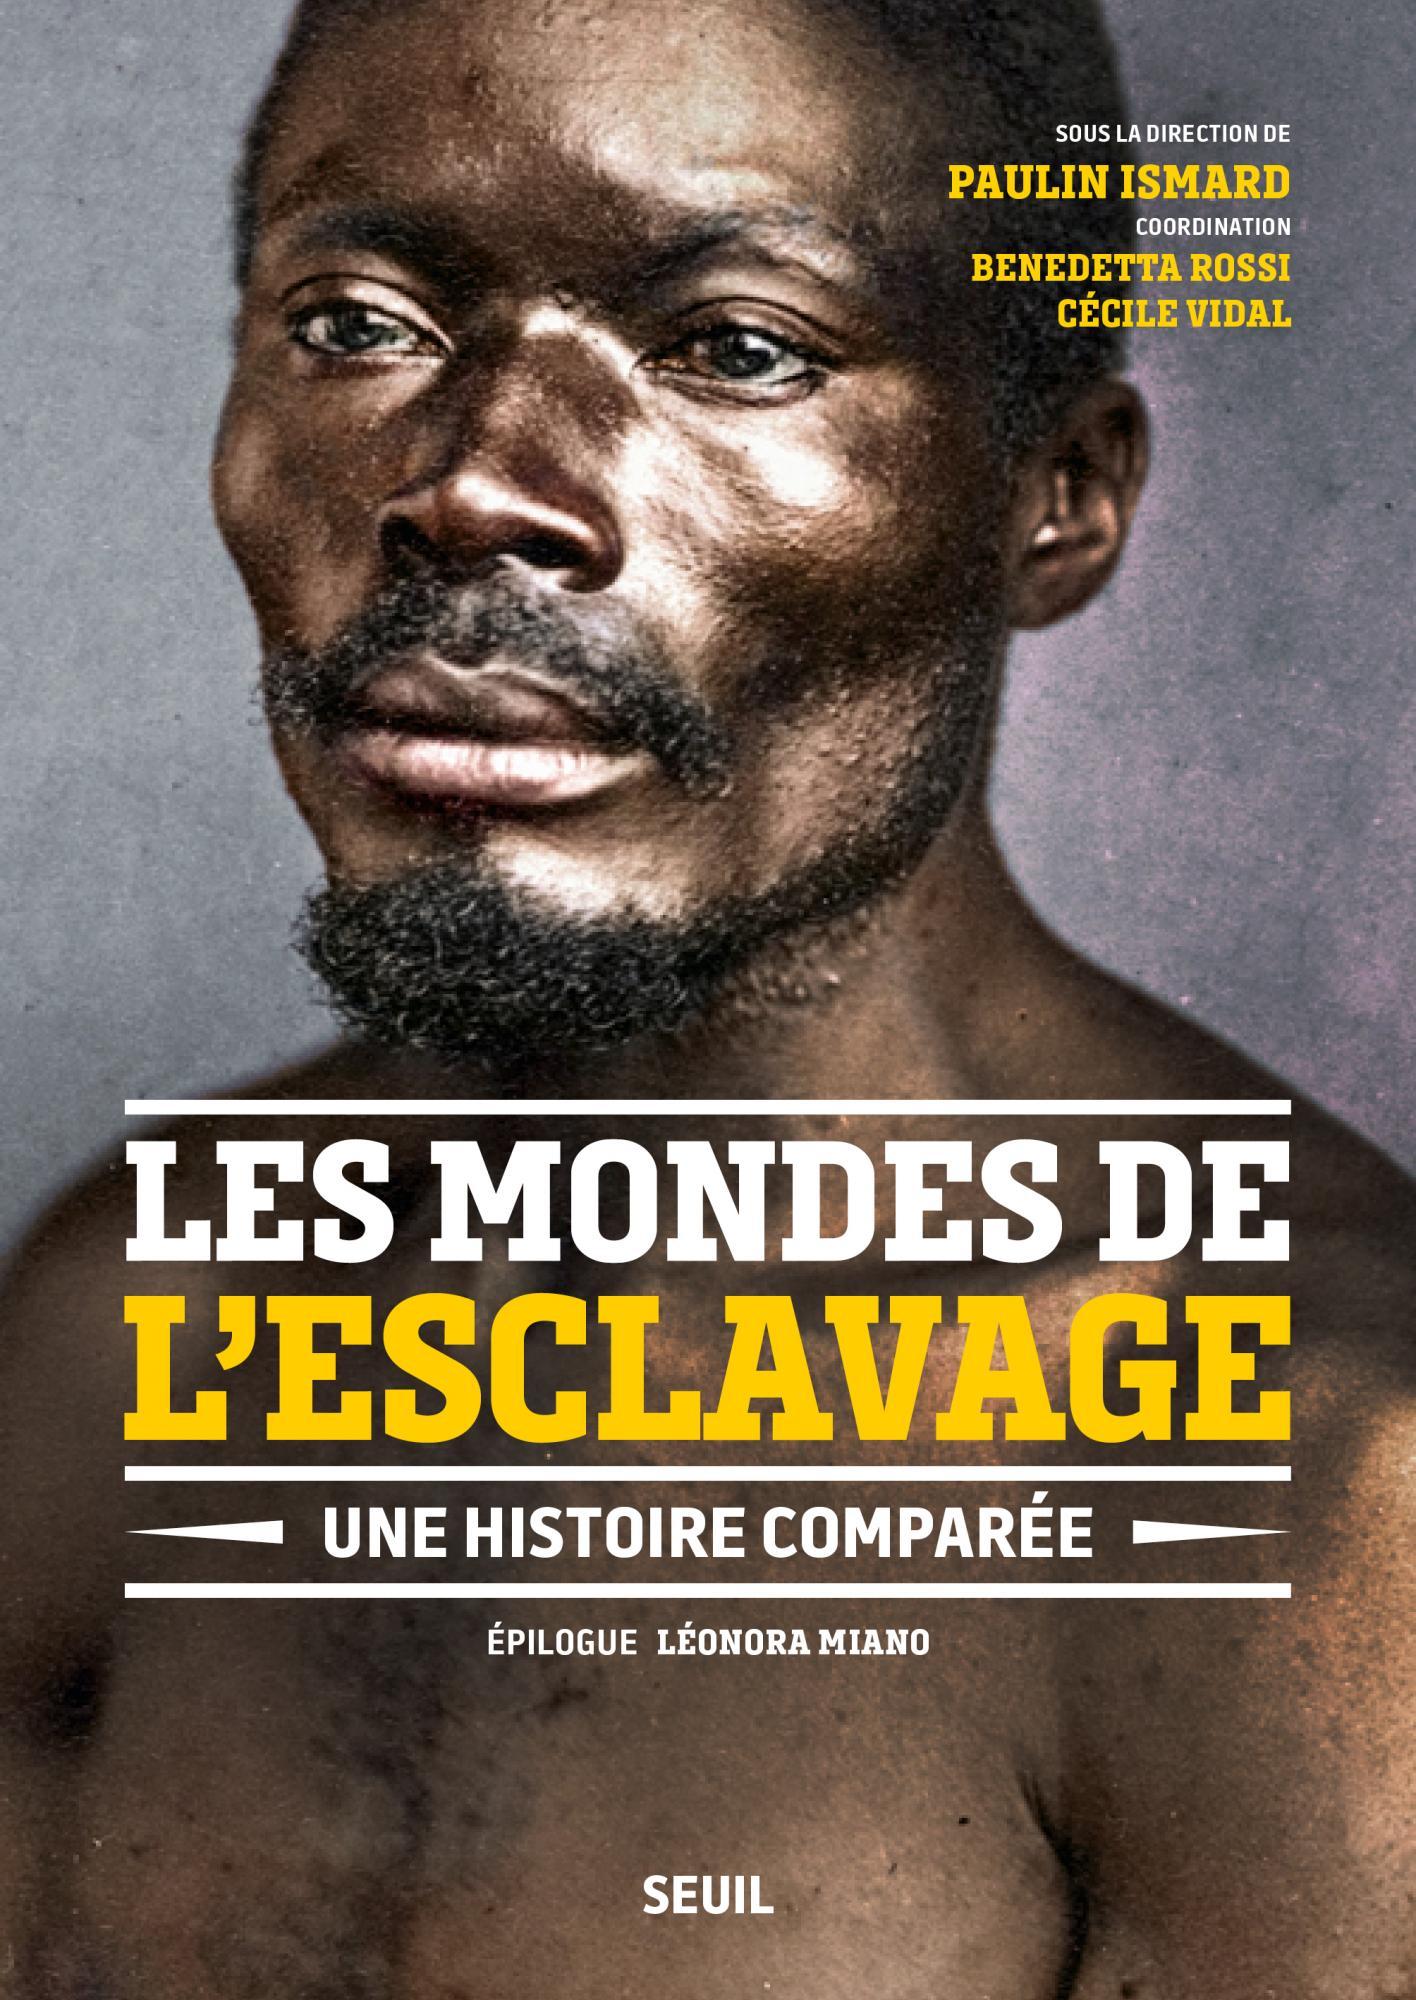 Les mondes de l'esclavage. Une histoire comparée